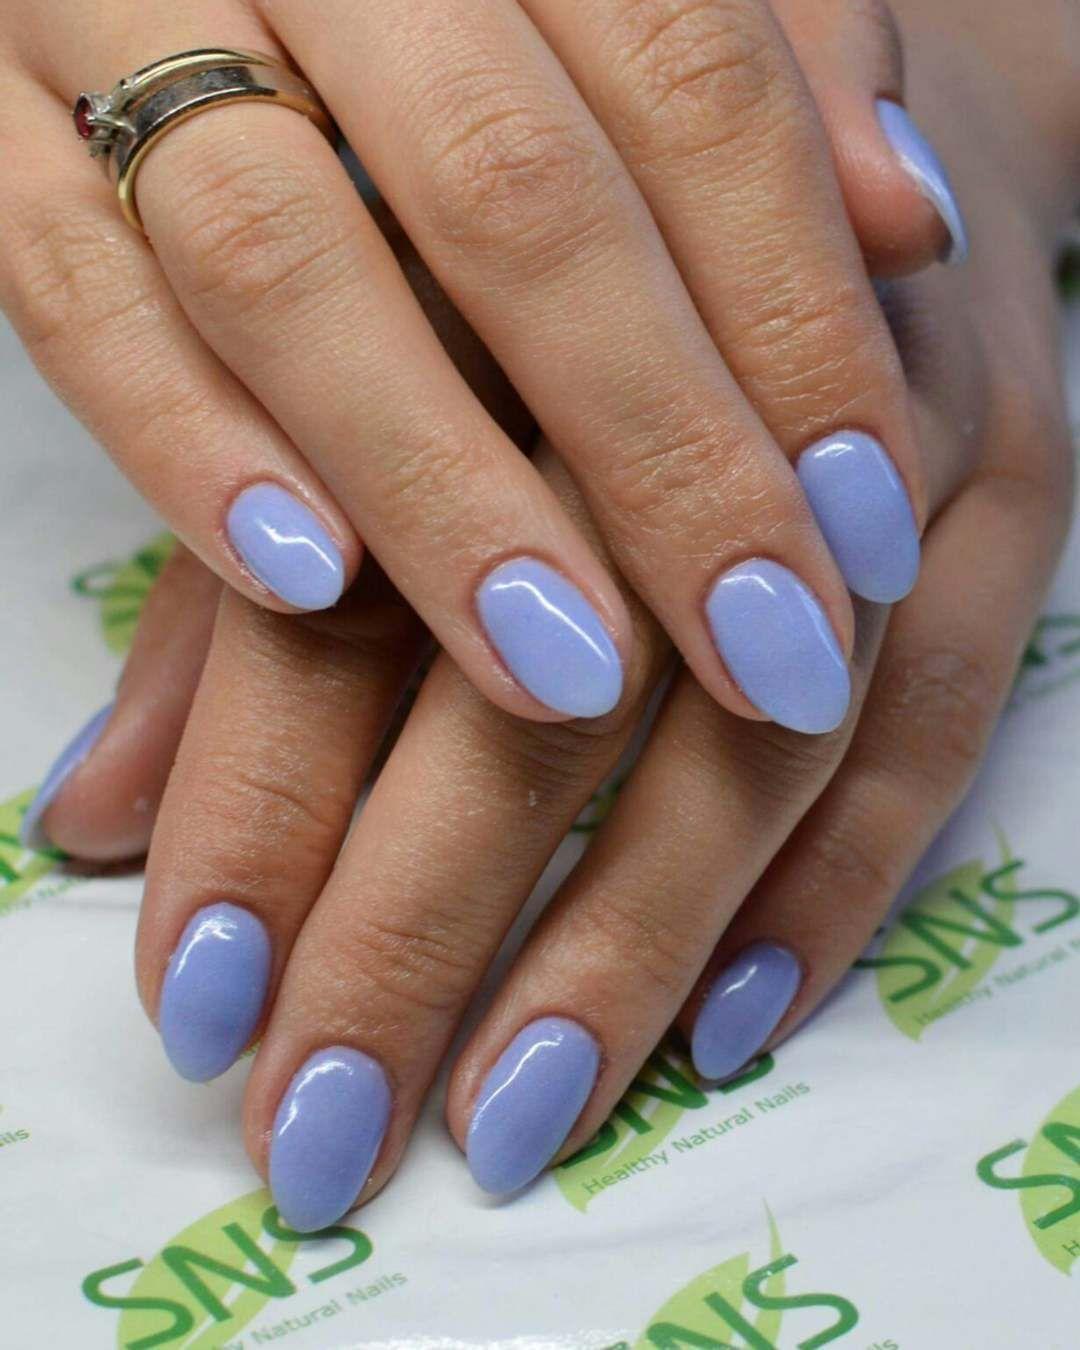 SNS nails with bling | Sns nails, Sns nails colors, Powder